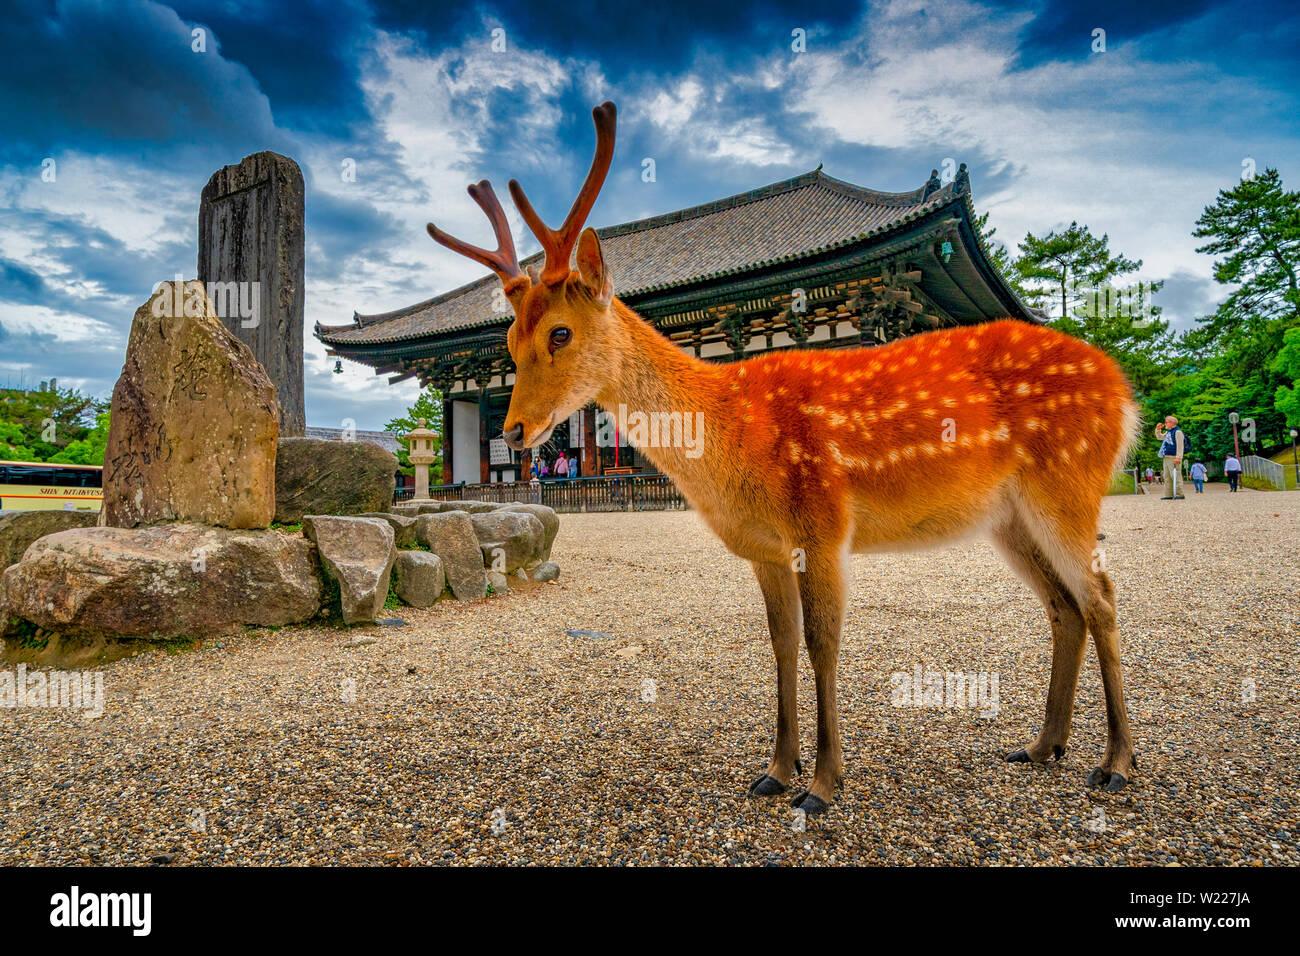 Deer roaming in the streets of Nara, Japan Stock Photo